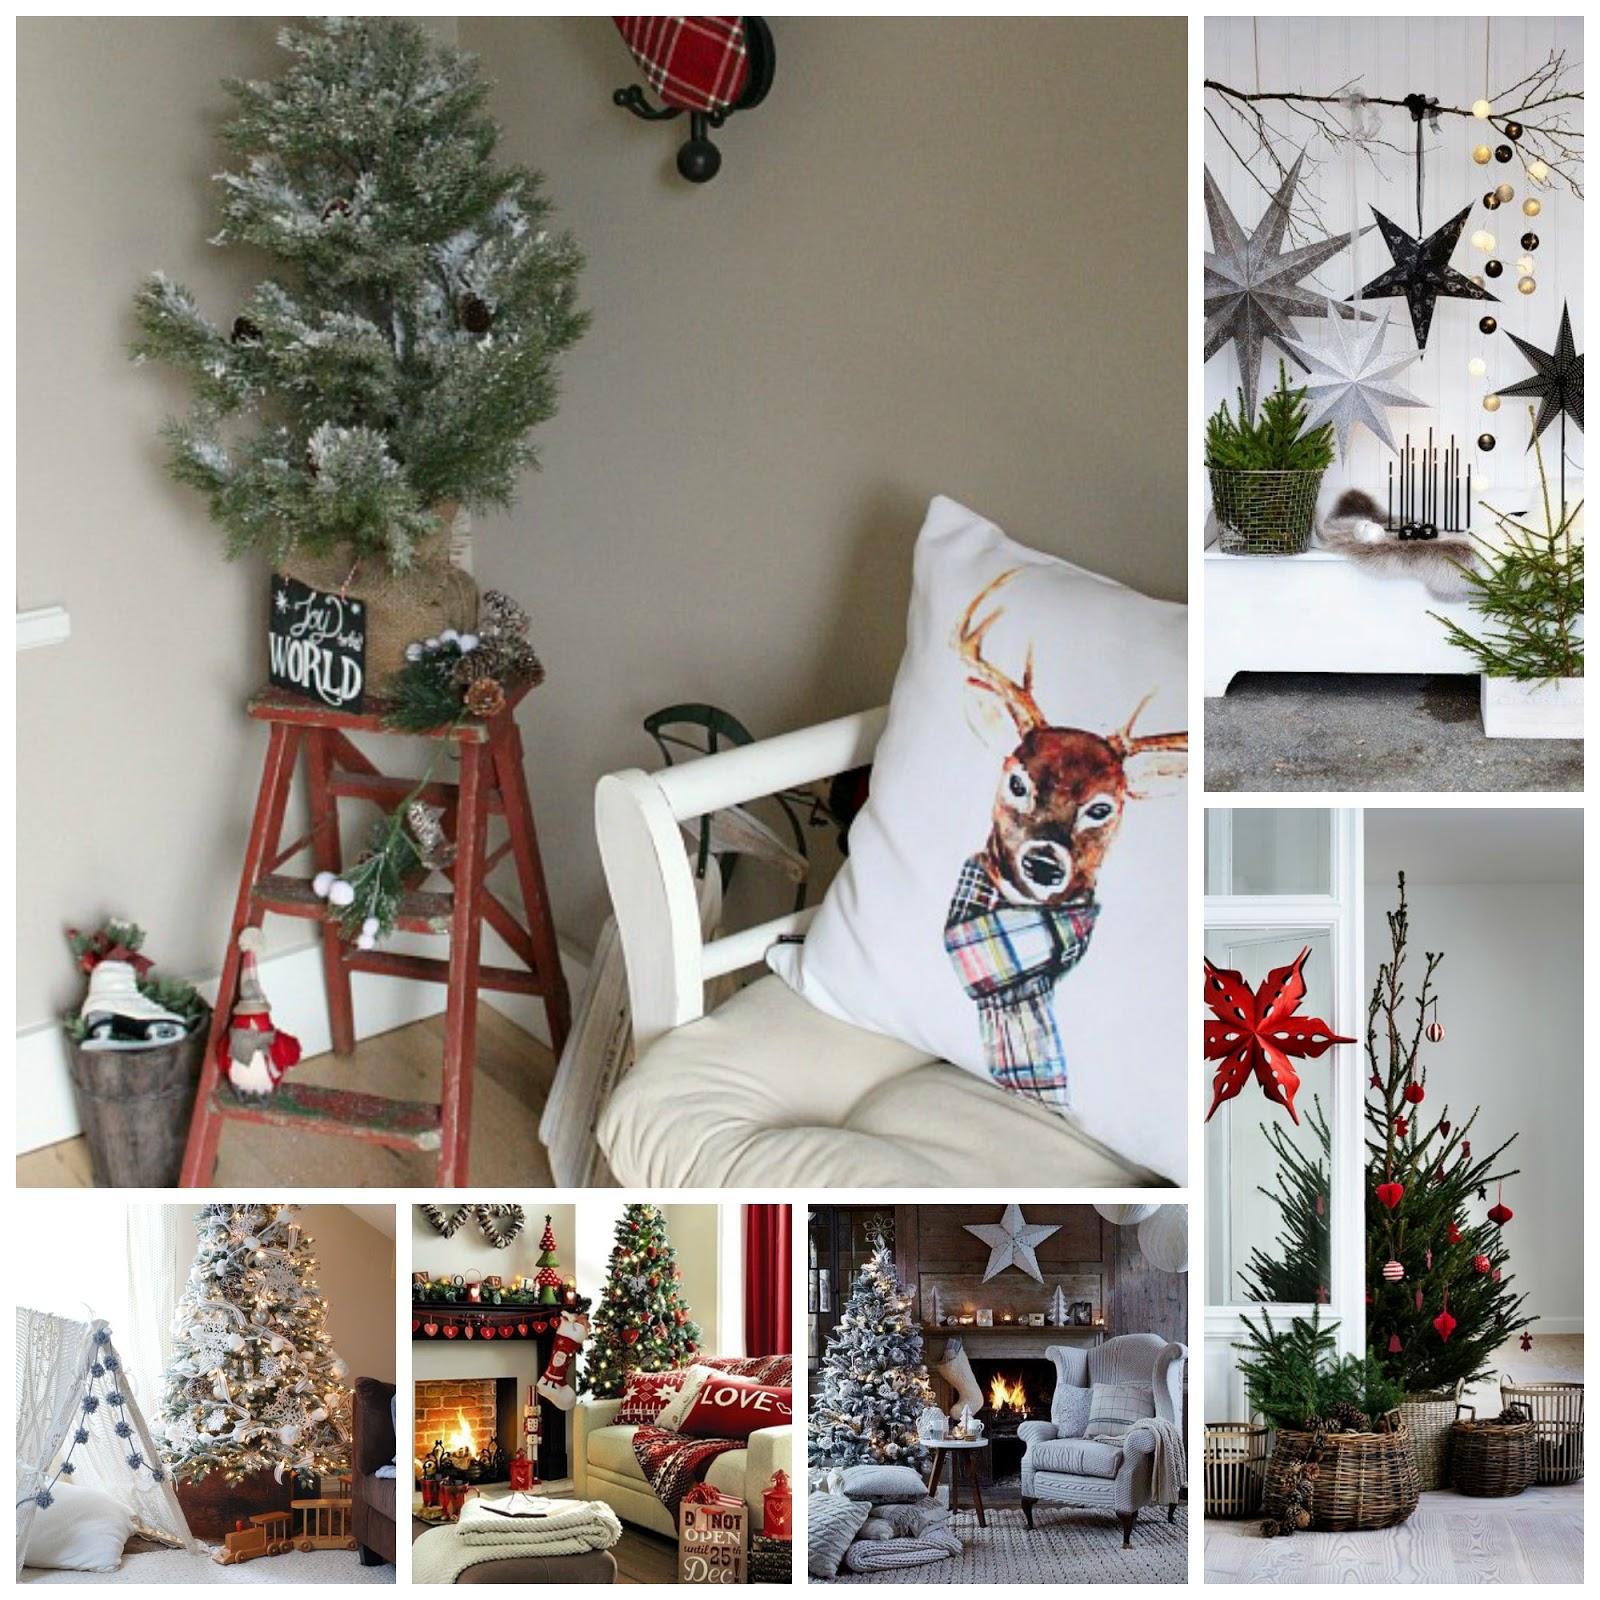 15 idee per decorare la casa a natale donneinpink magazine - Come decorare la casa ...